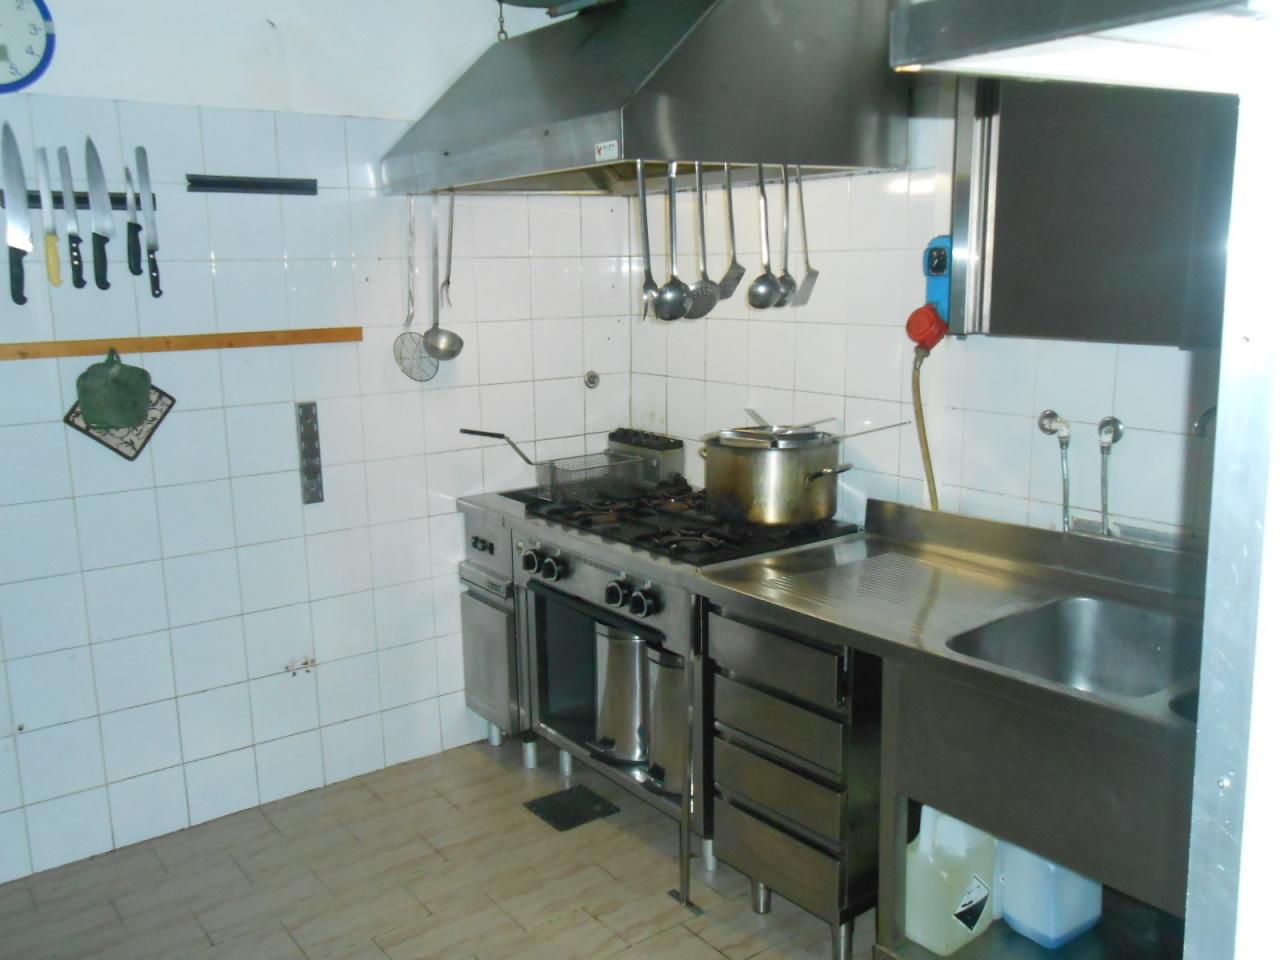 Ristorante / Pizzeria / Trattoria in affitto a Lucca, 3 locali, prezzo € 1.500 | Cambio Casa.it